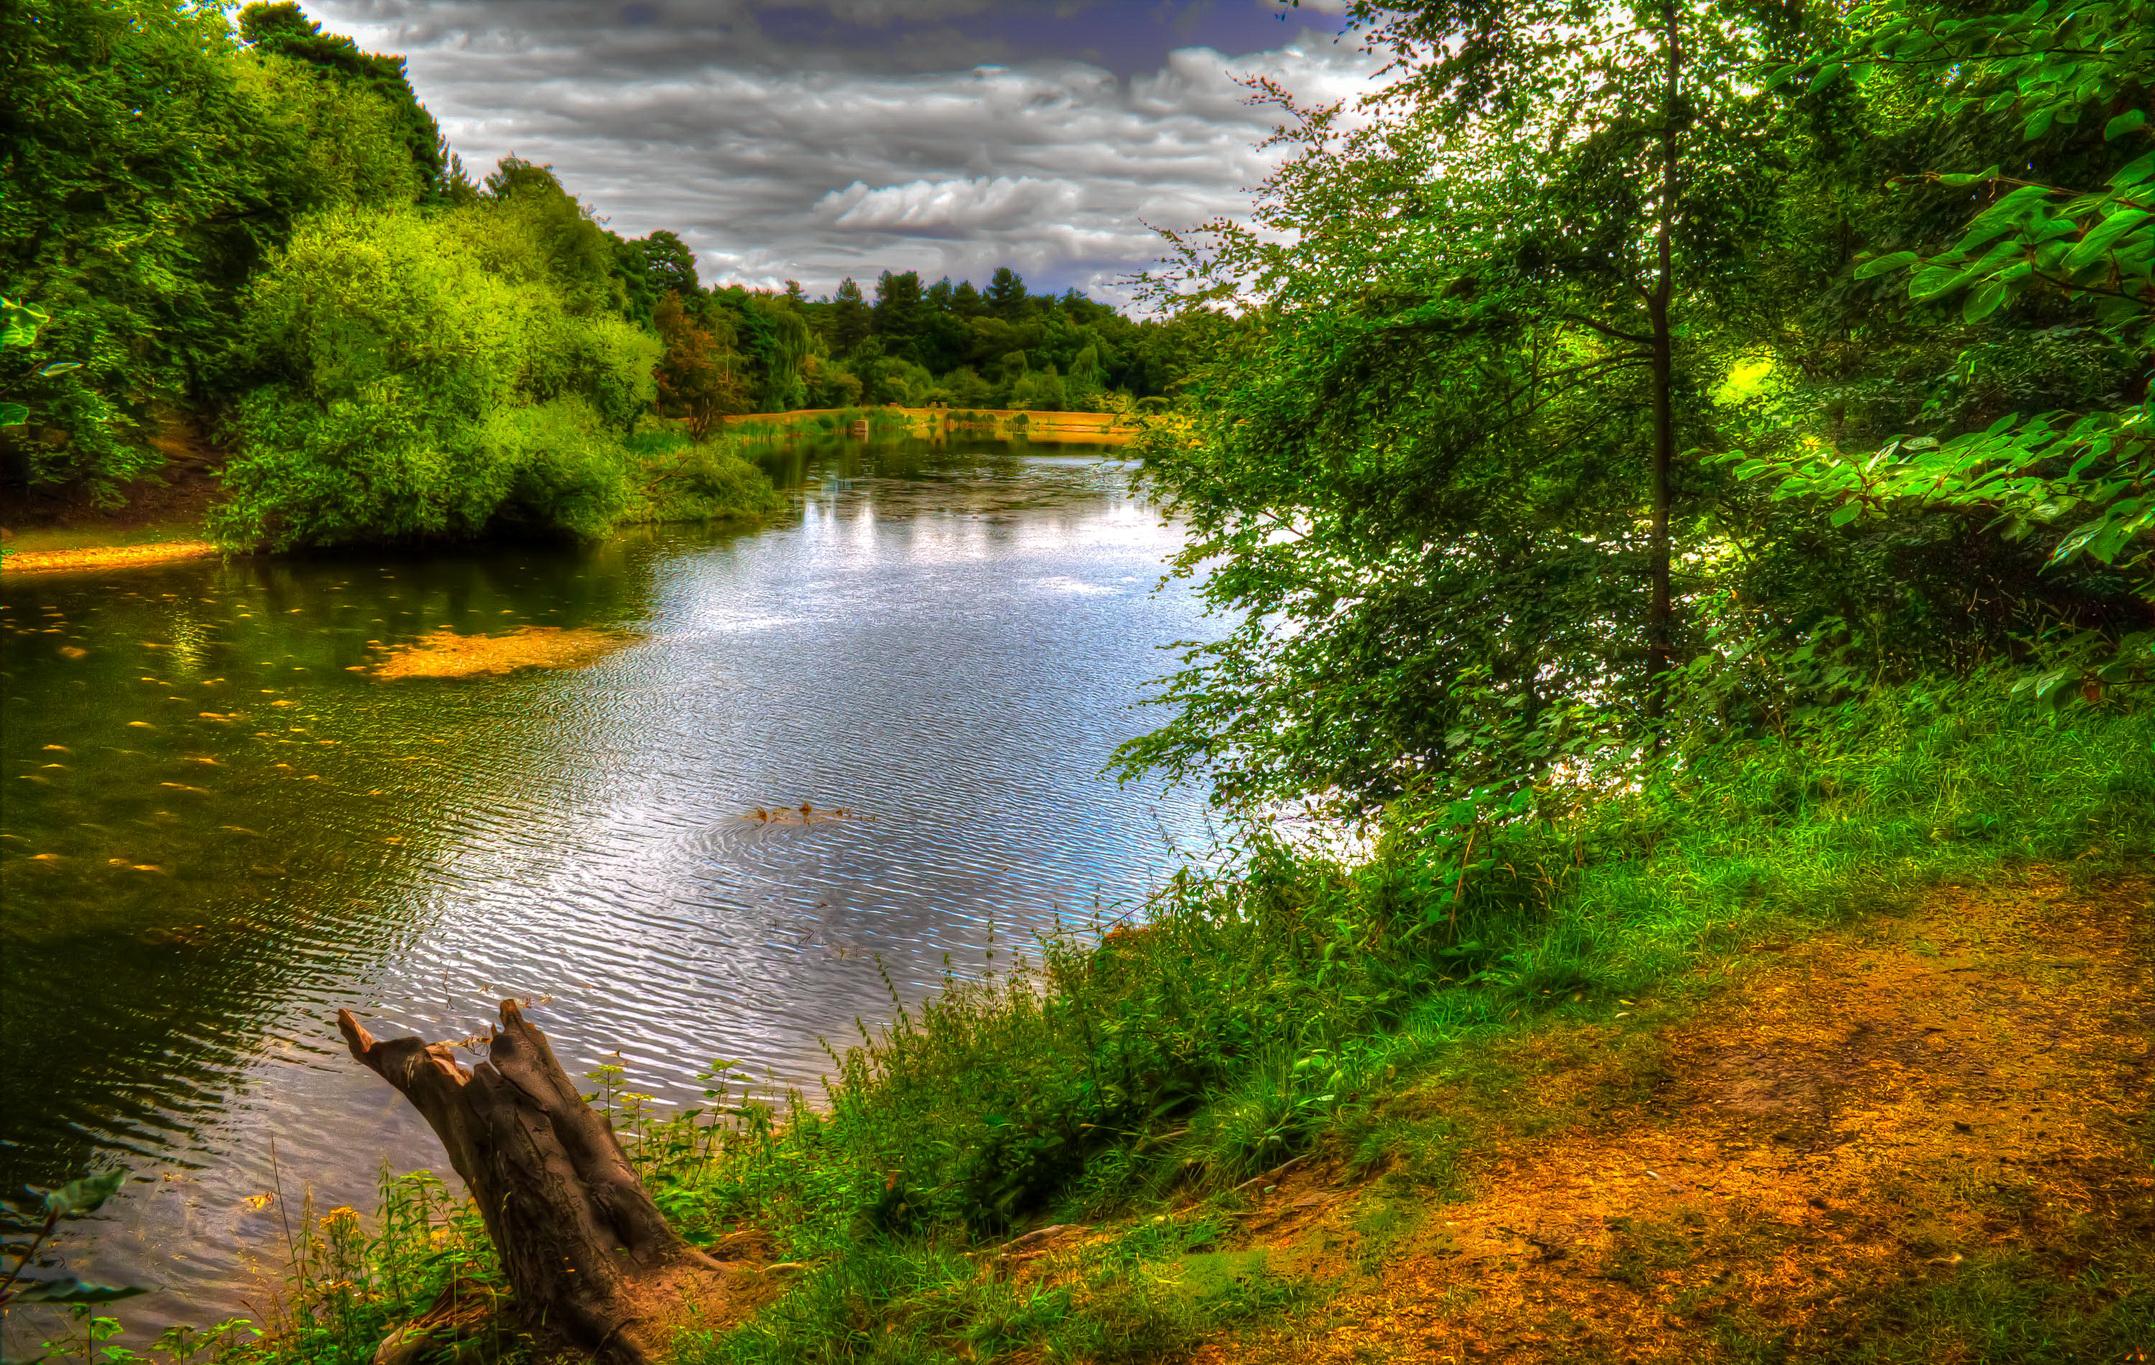 природа HDR река деревья  № 257288 бесплатно